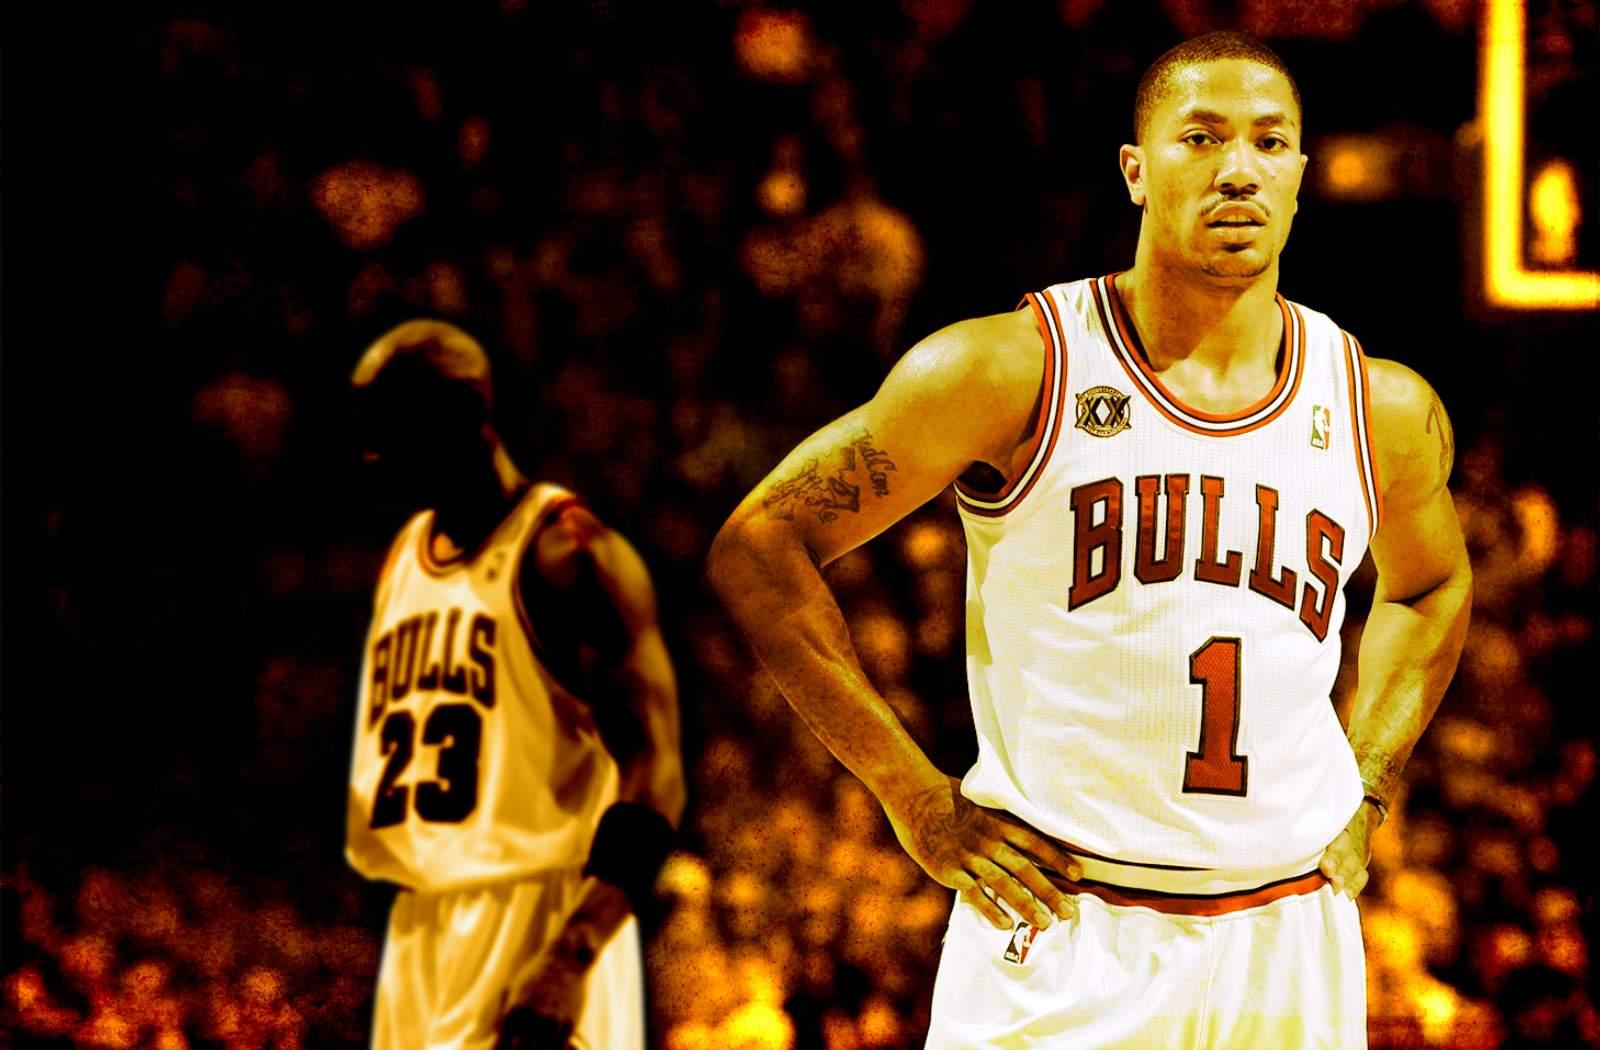 Derrick Rose basketball wallpapers NBA Wallpapers Basket Ball 1600x1050